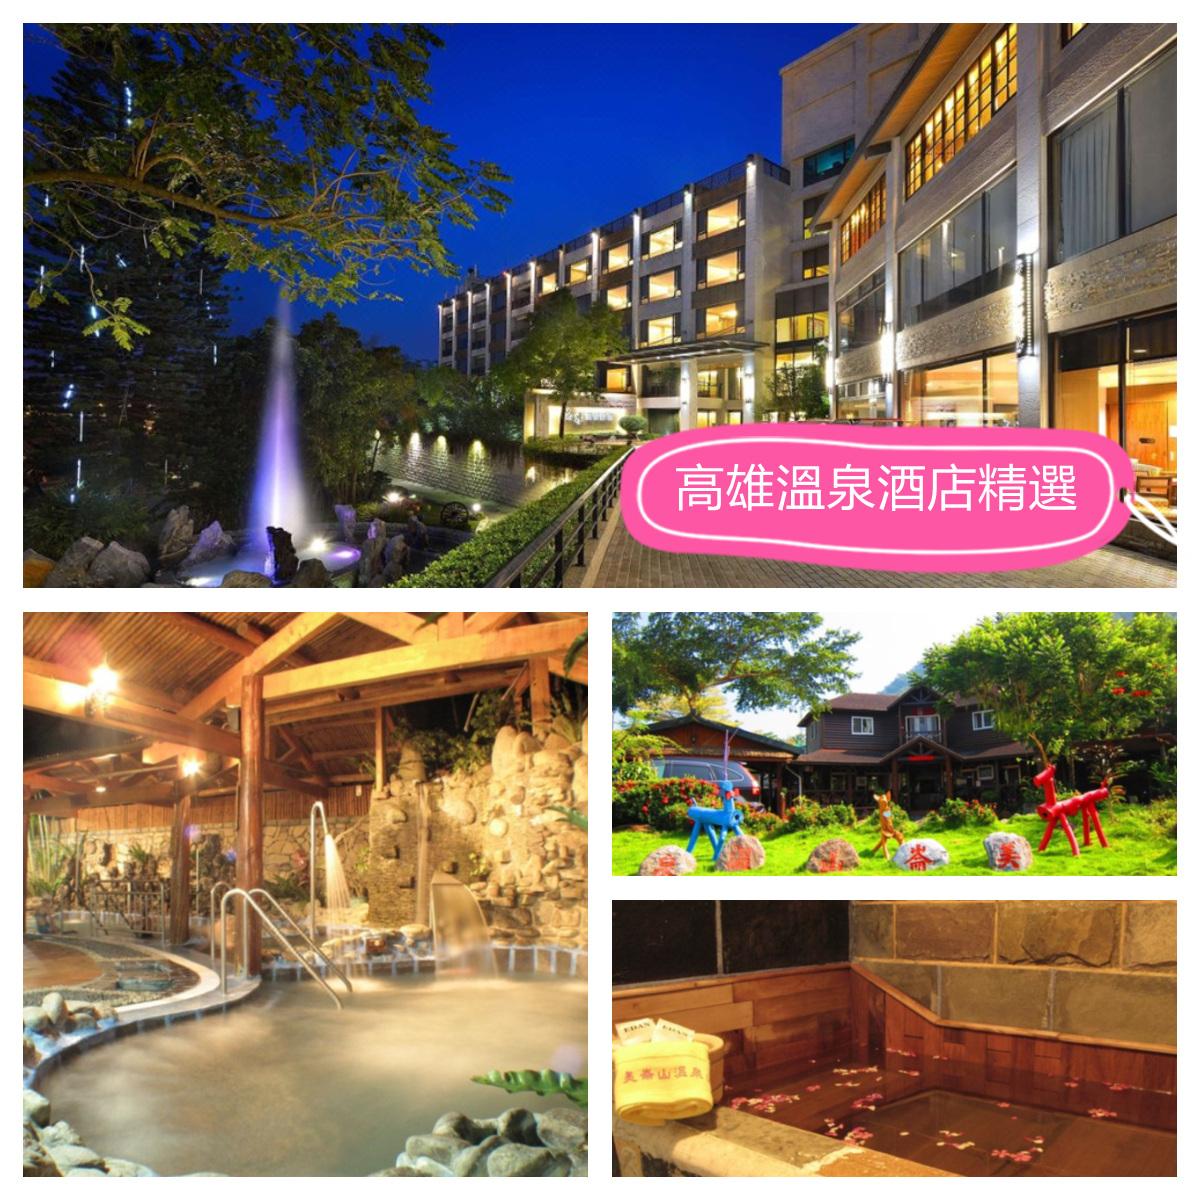 2021人氣IG溫泉飯店都在這!此生必住高雄頂級溫泉渡假村